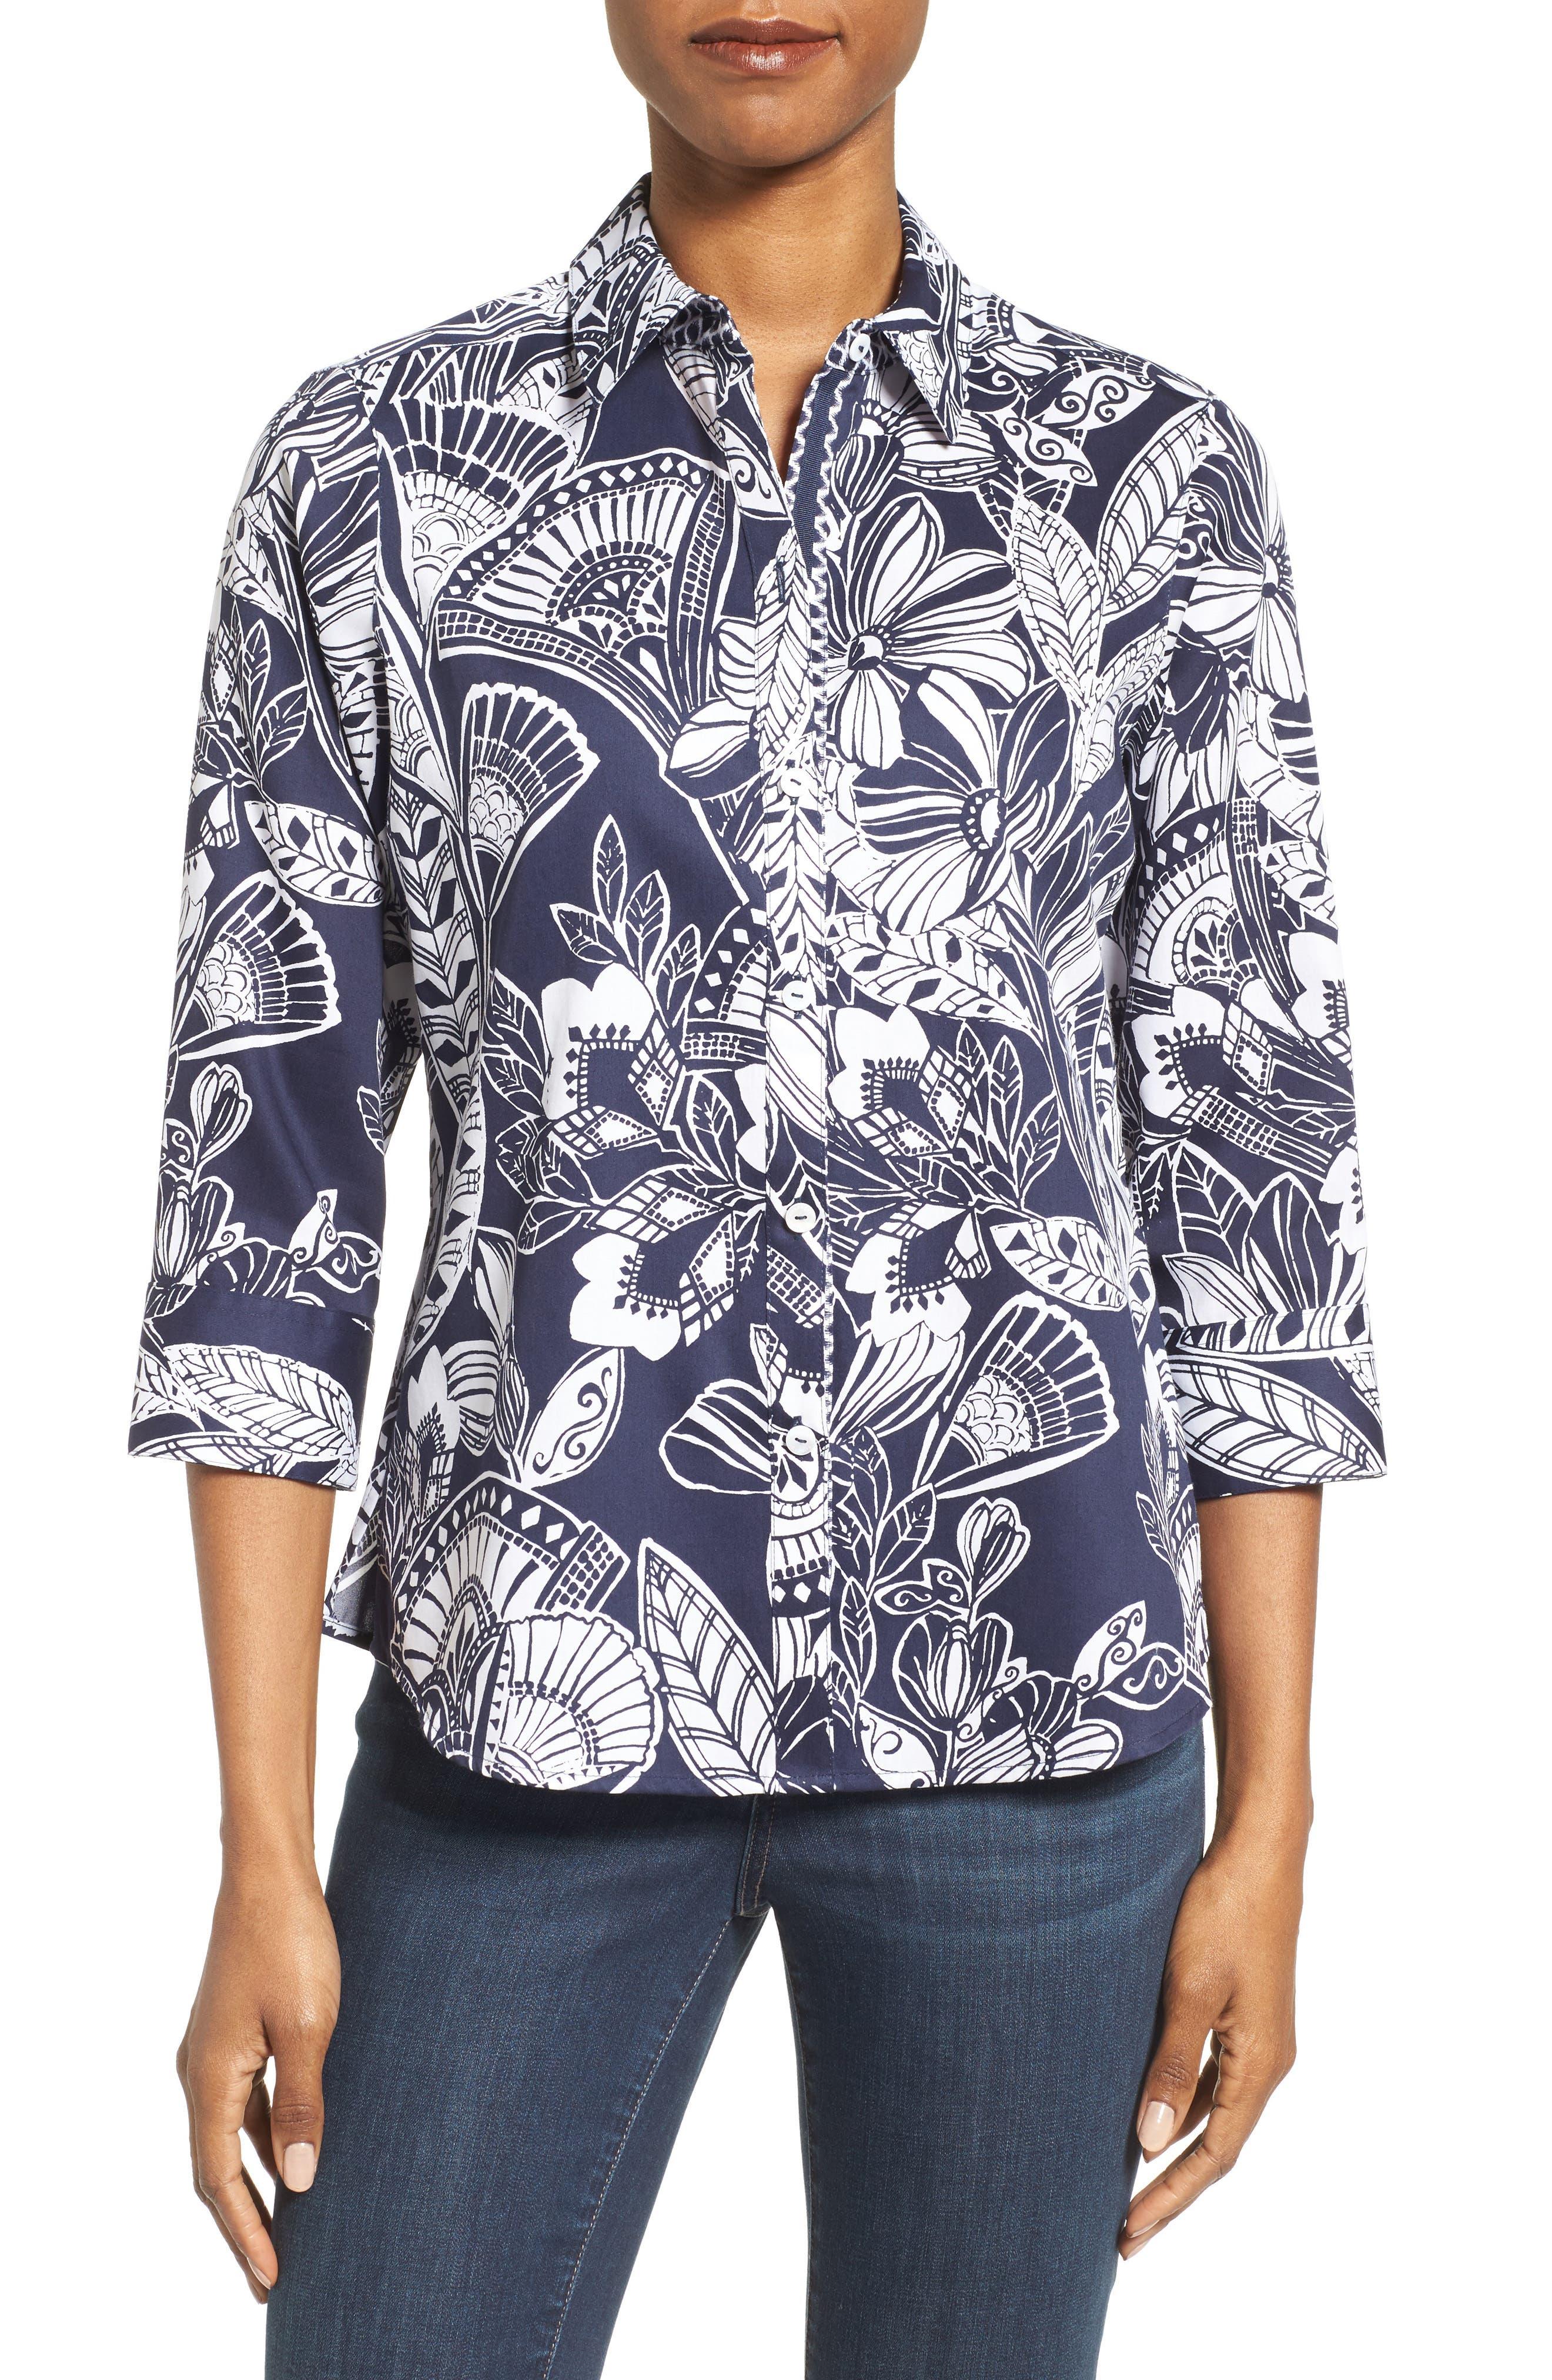 Alternate Image 1 Selected - Foxcroft Floral Print Shirt (Regular & Petite)